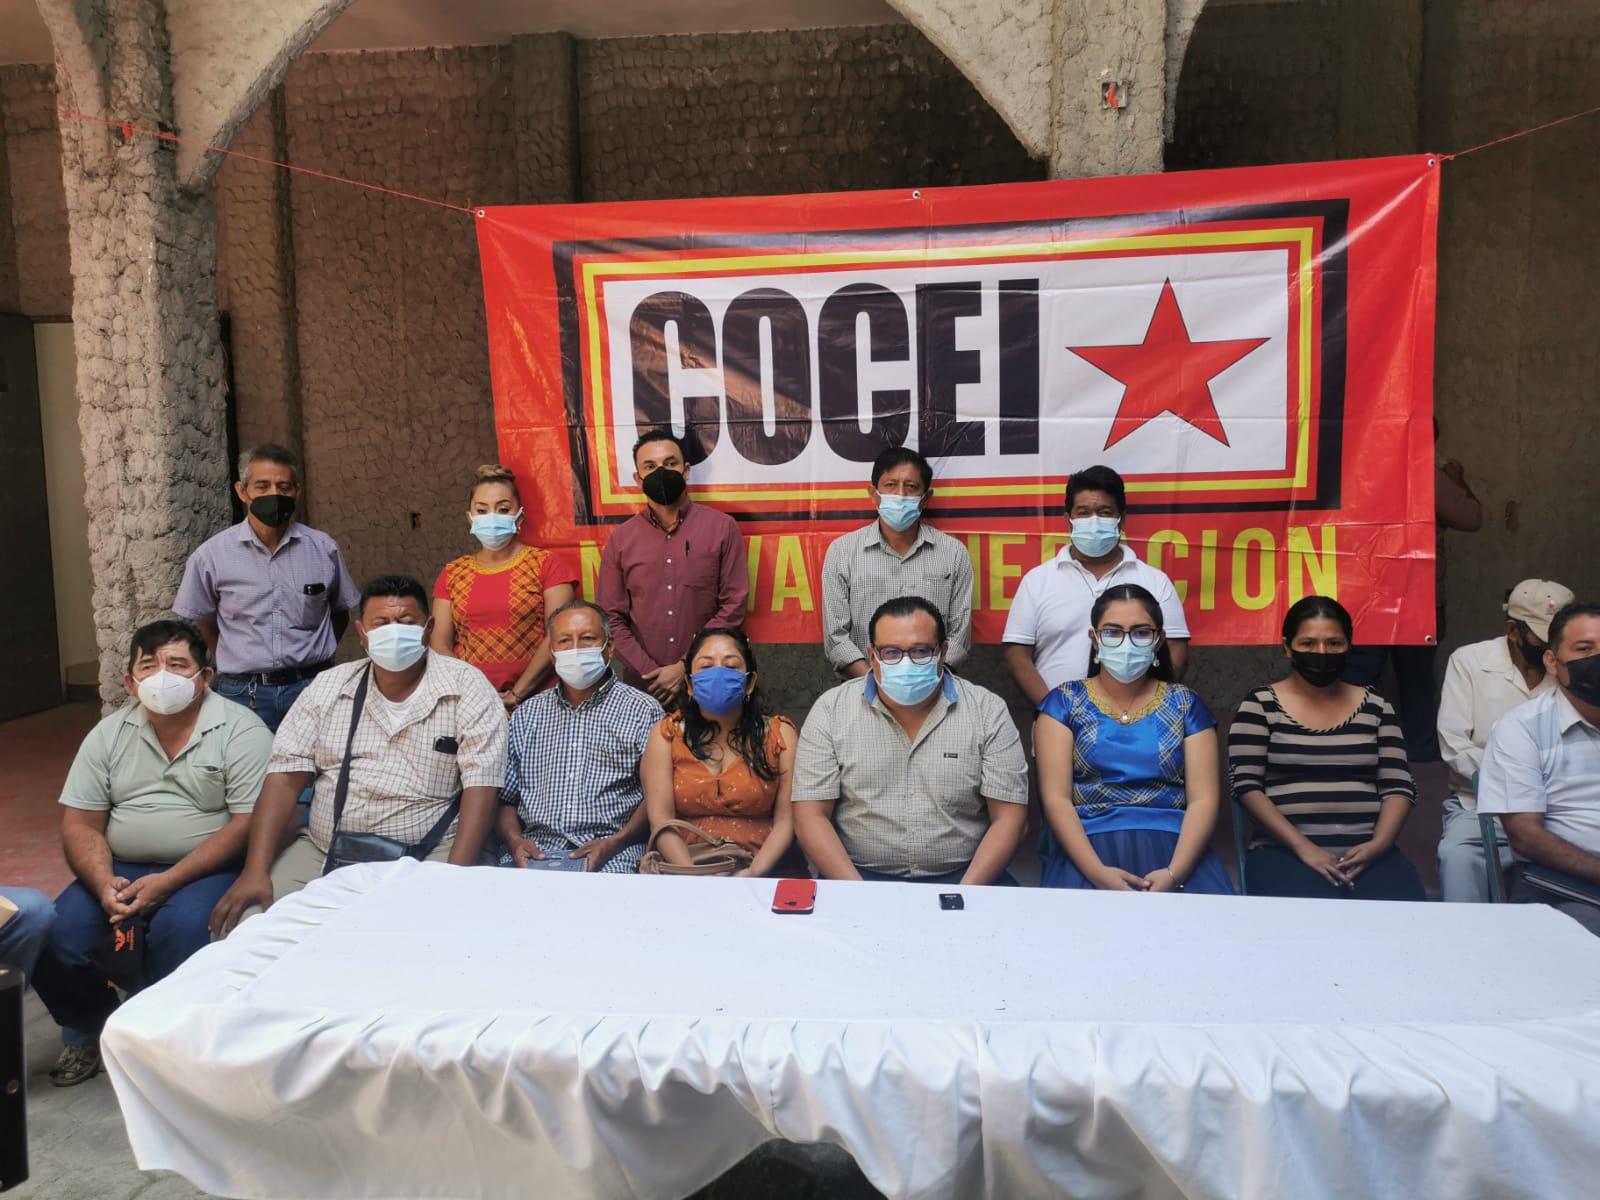 Anuncia Cocei Nueva Generación movilizaciones en Istmo de Oaxaca, ante negativa de gobierno a dialogar